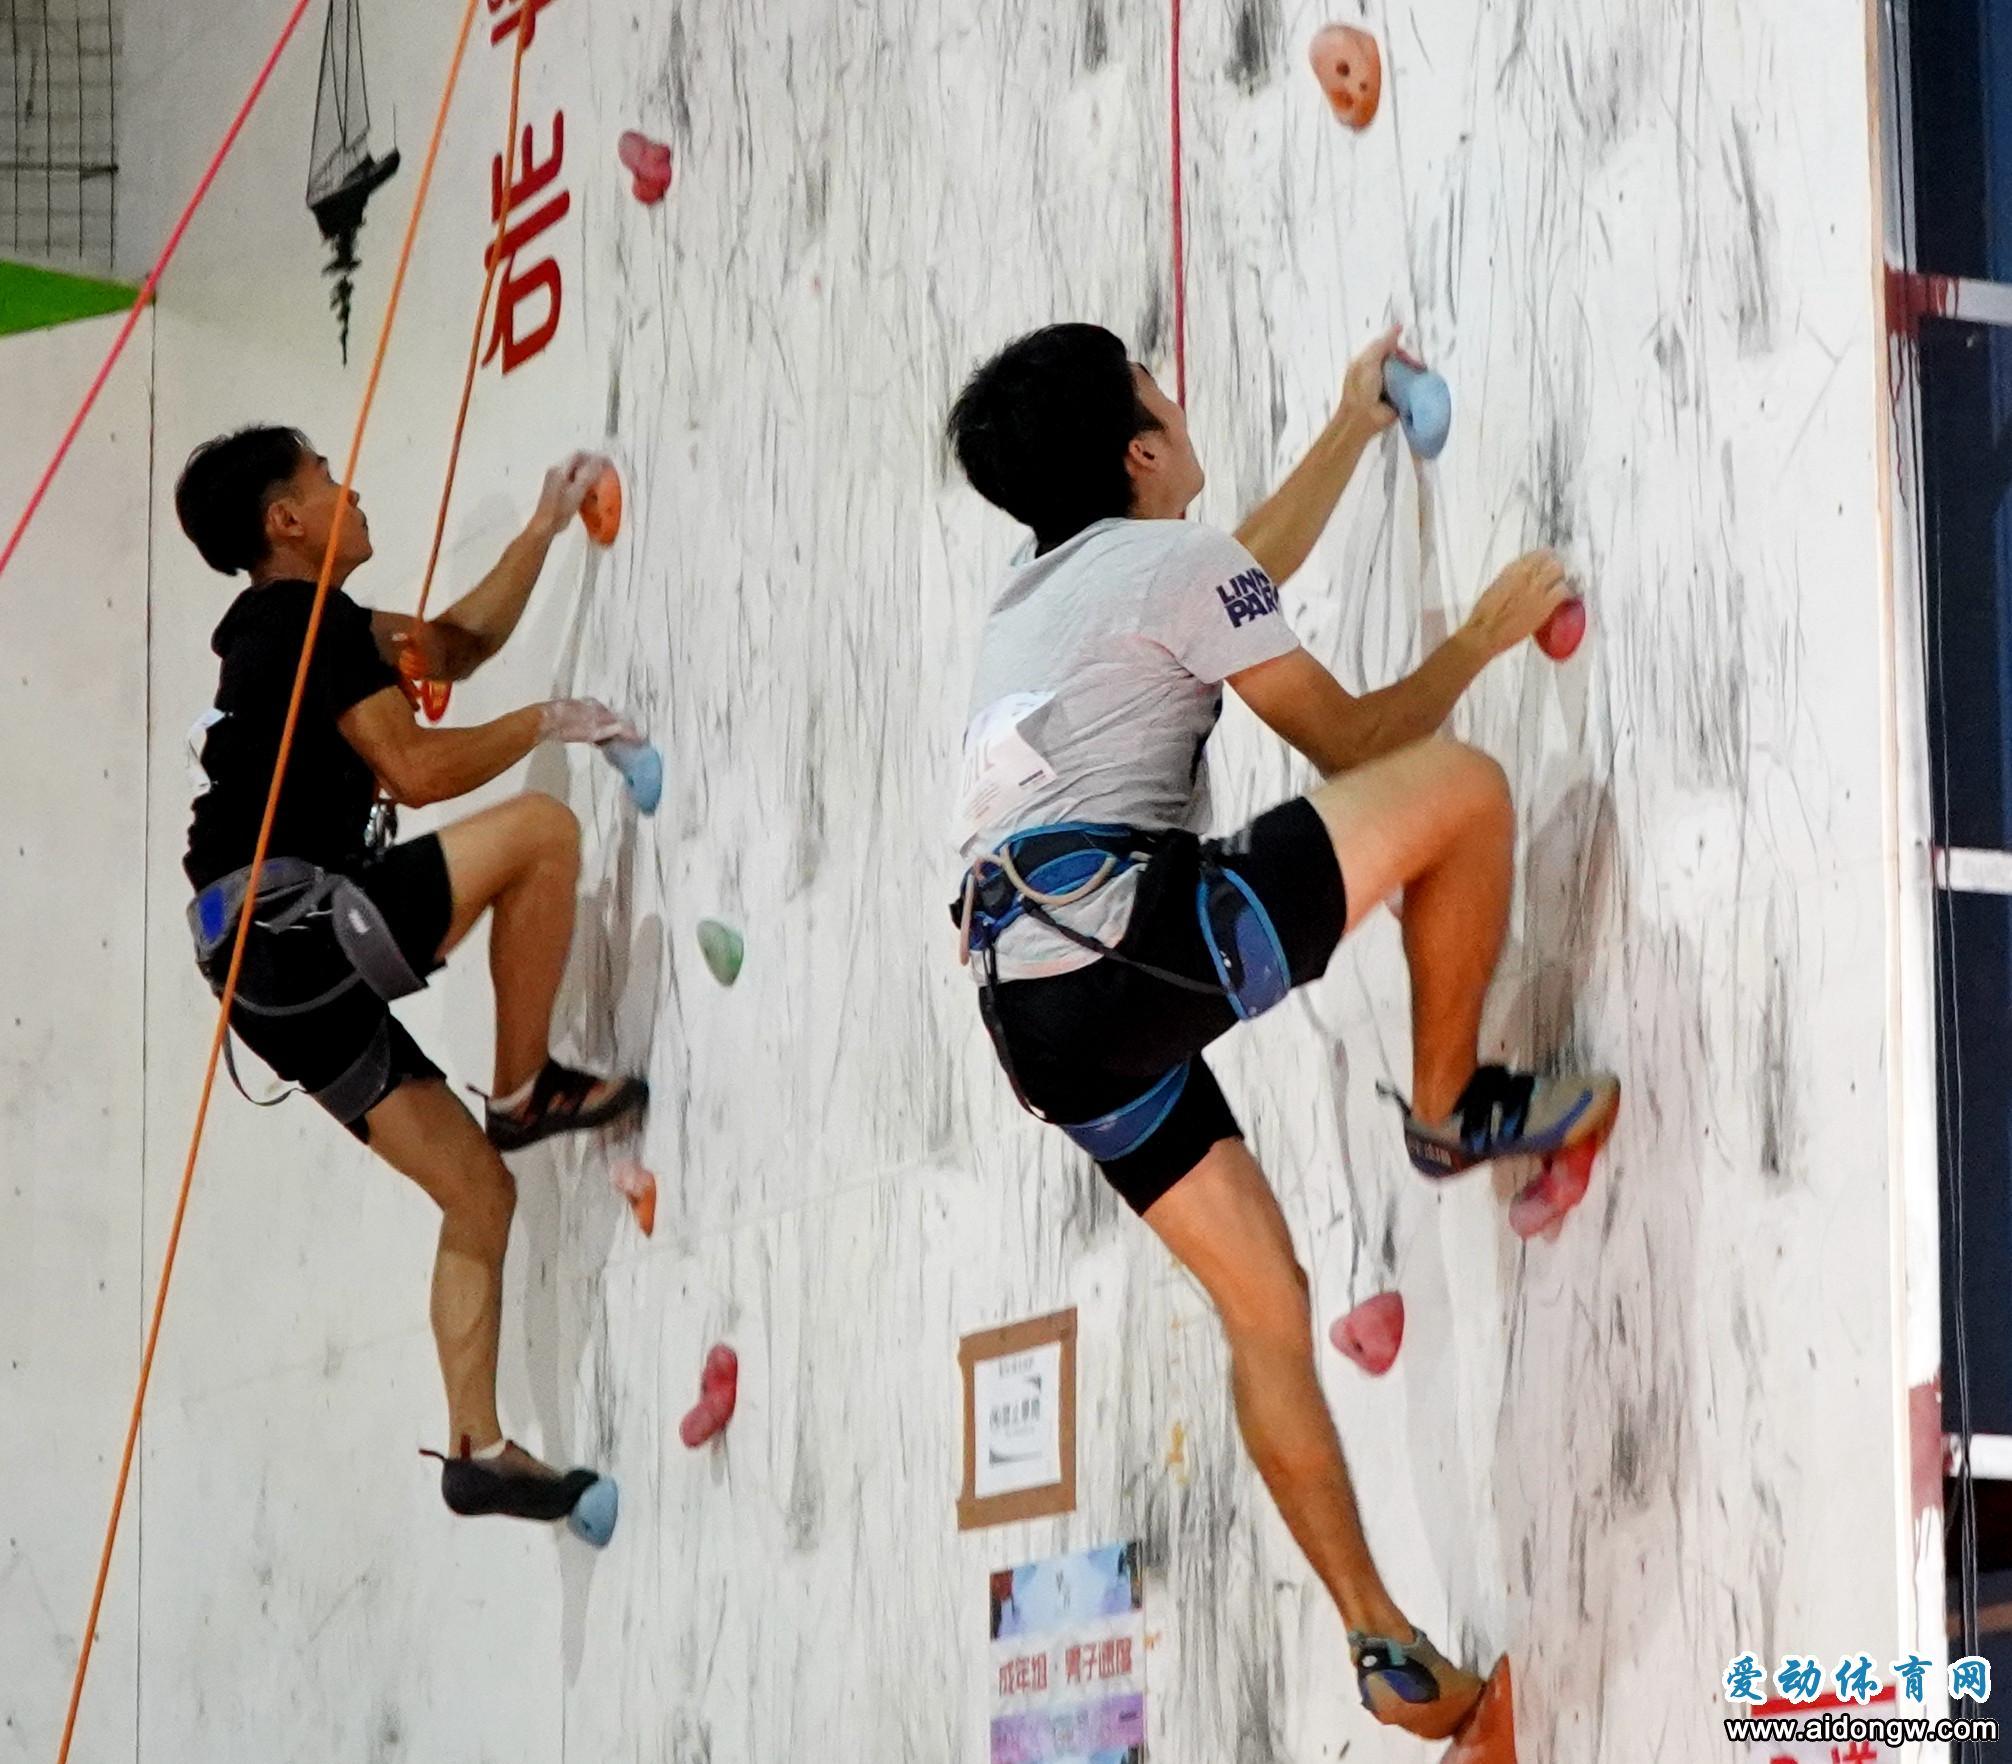 岩壁芭蕾盛宴上演!2019年海南省攀岩公开赛海口收官